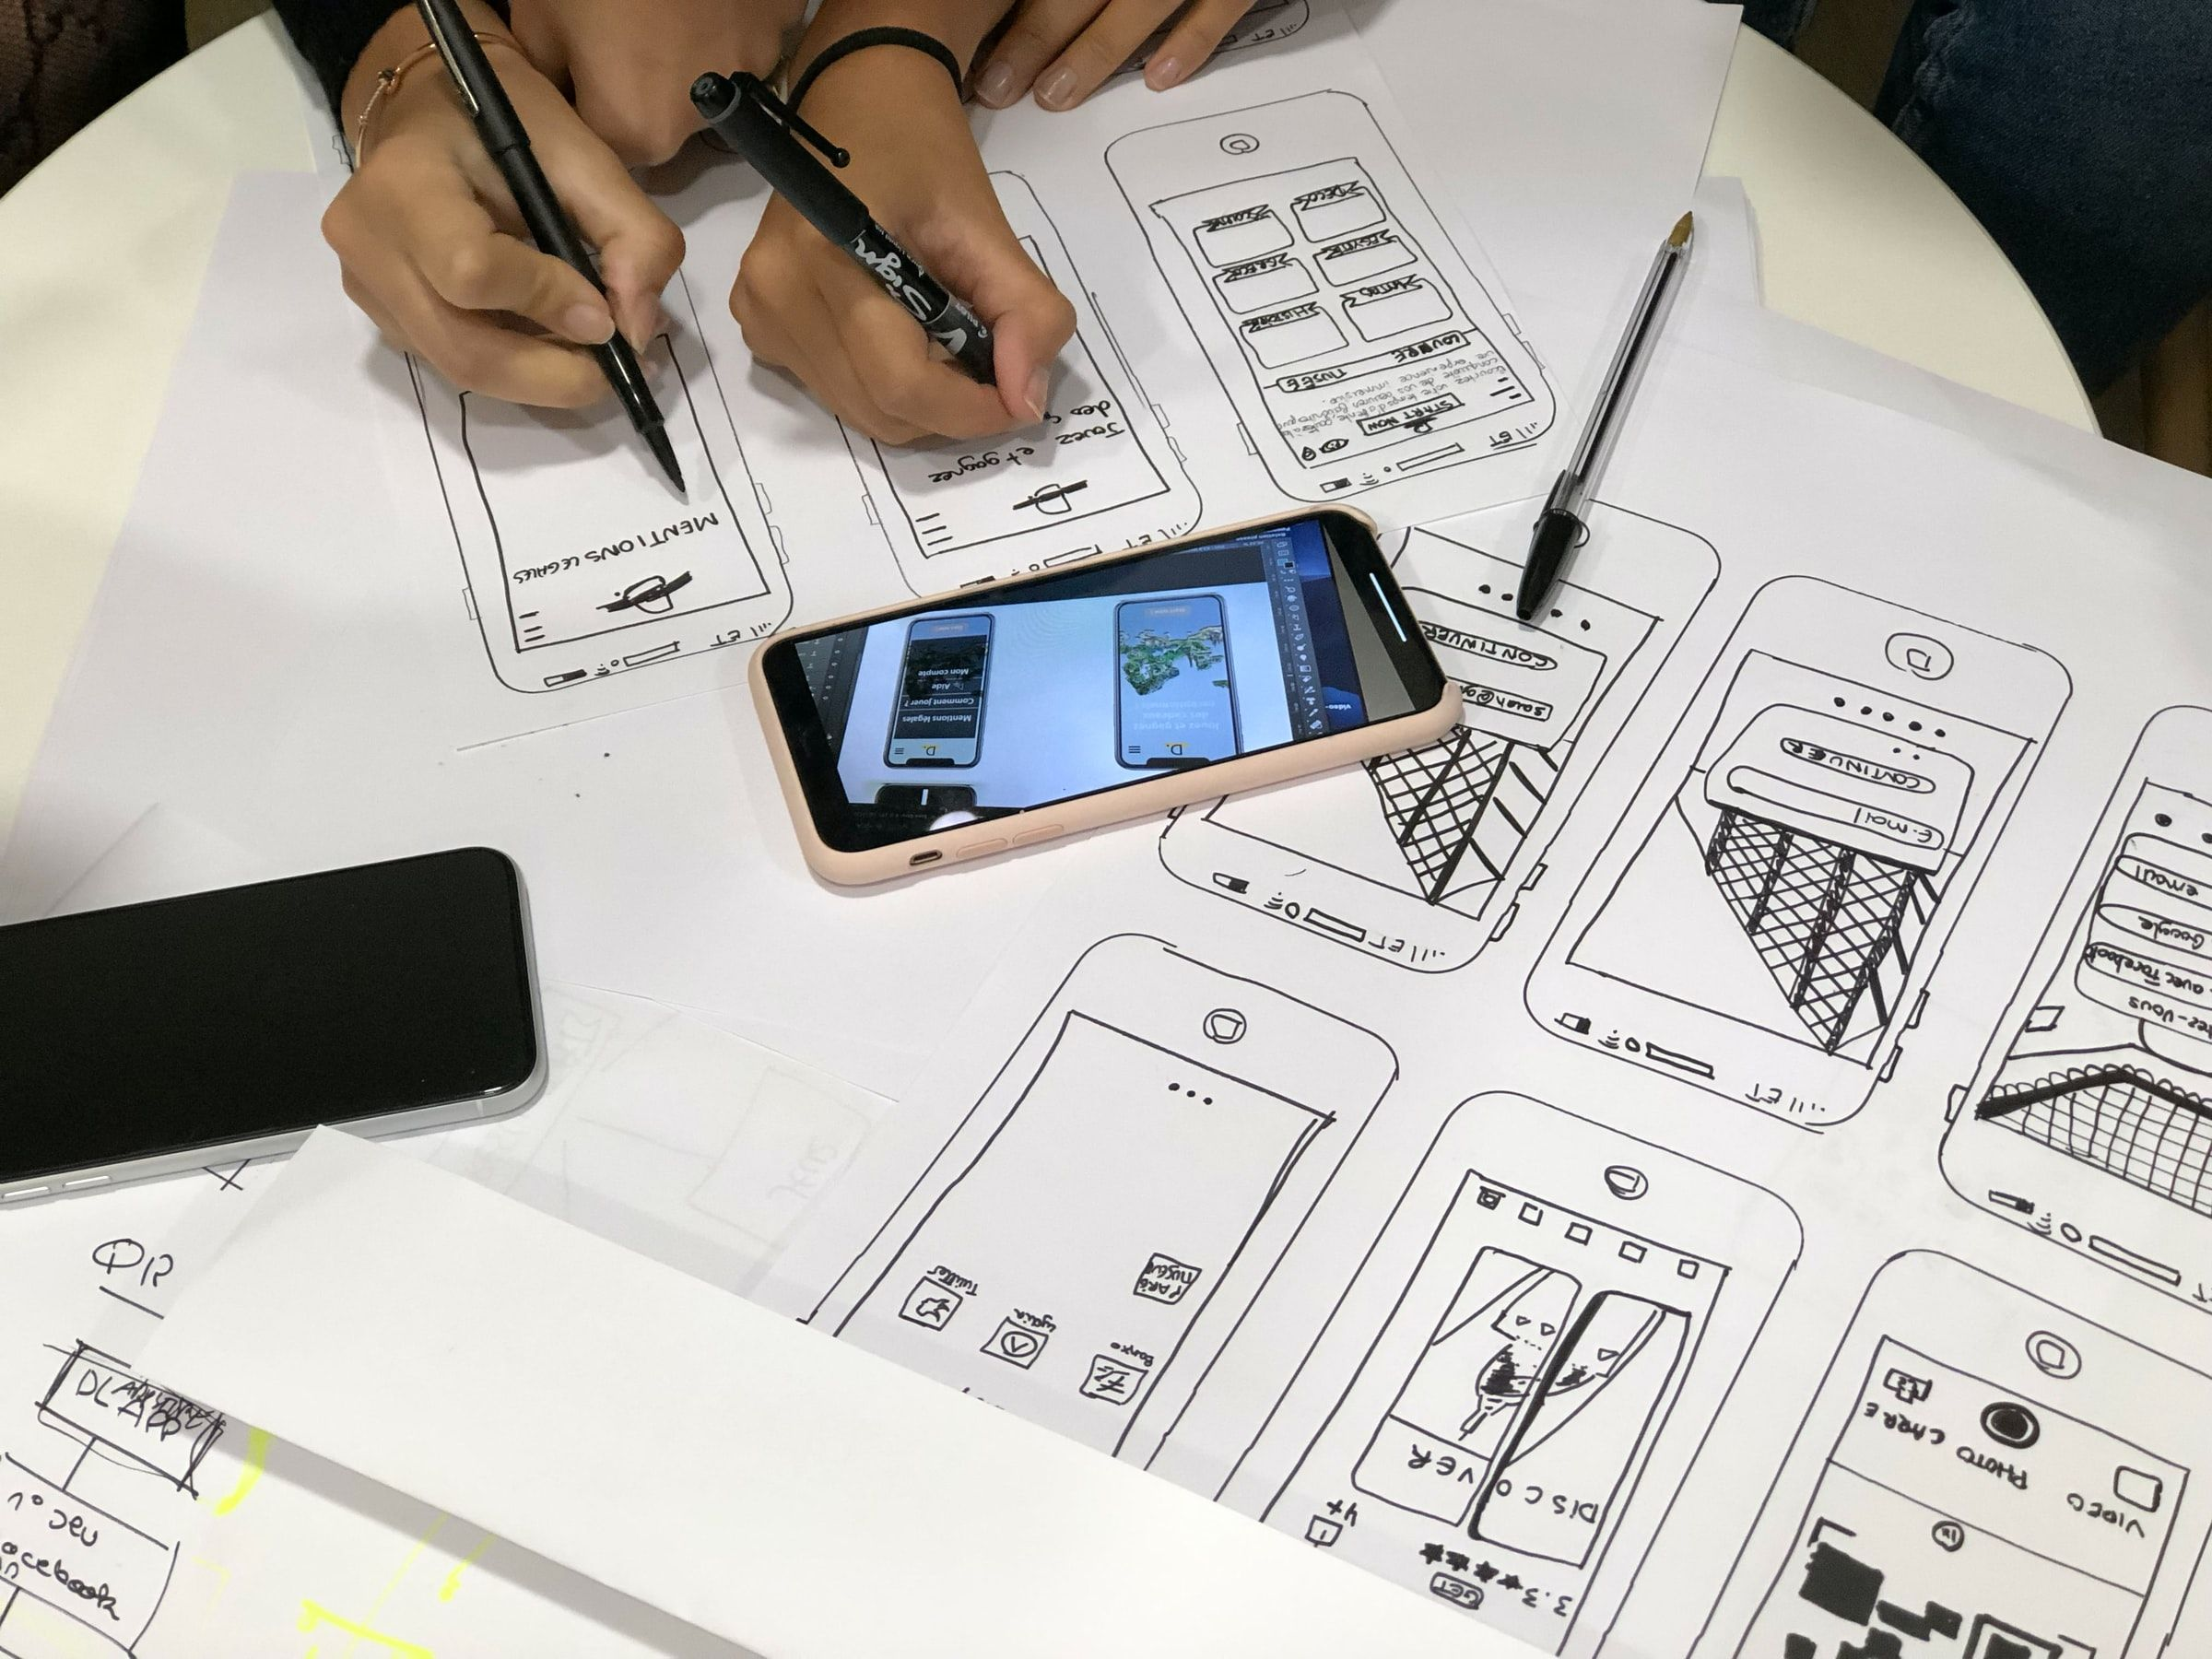 Chto takoe UI i UX dizayn